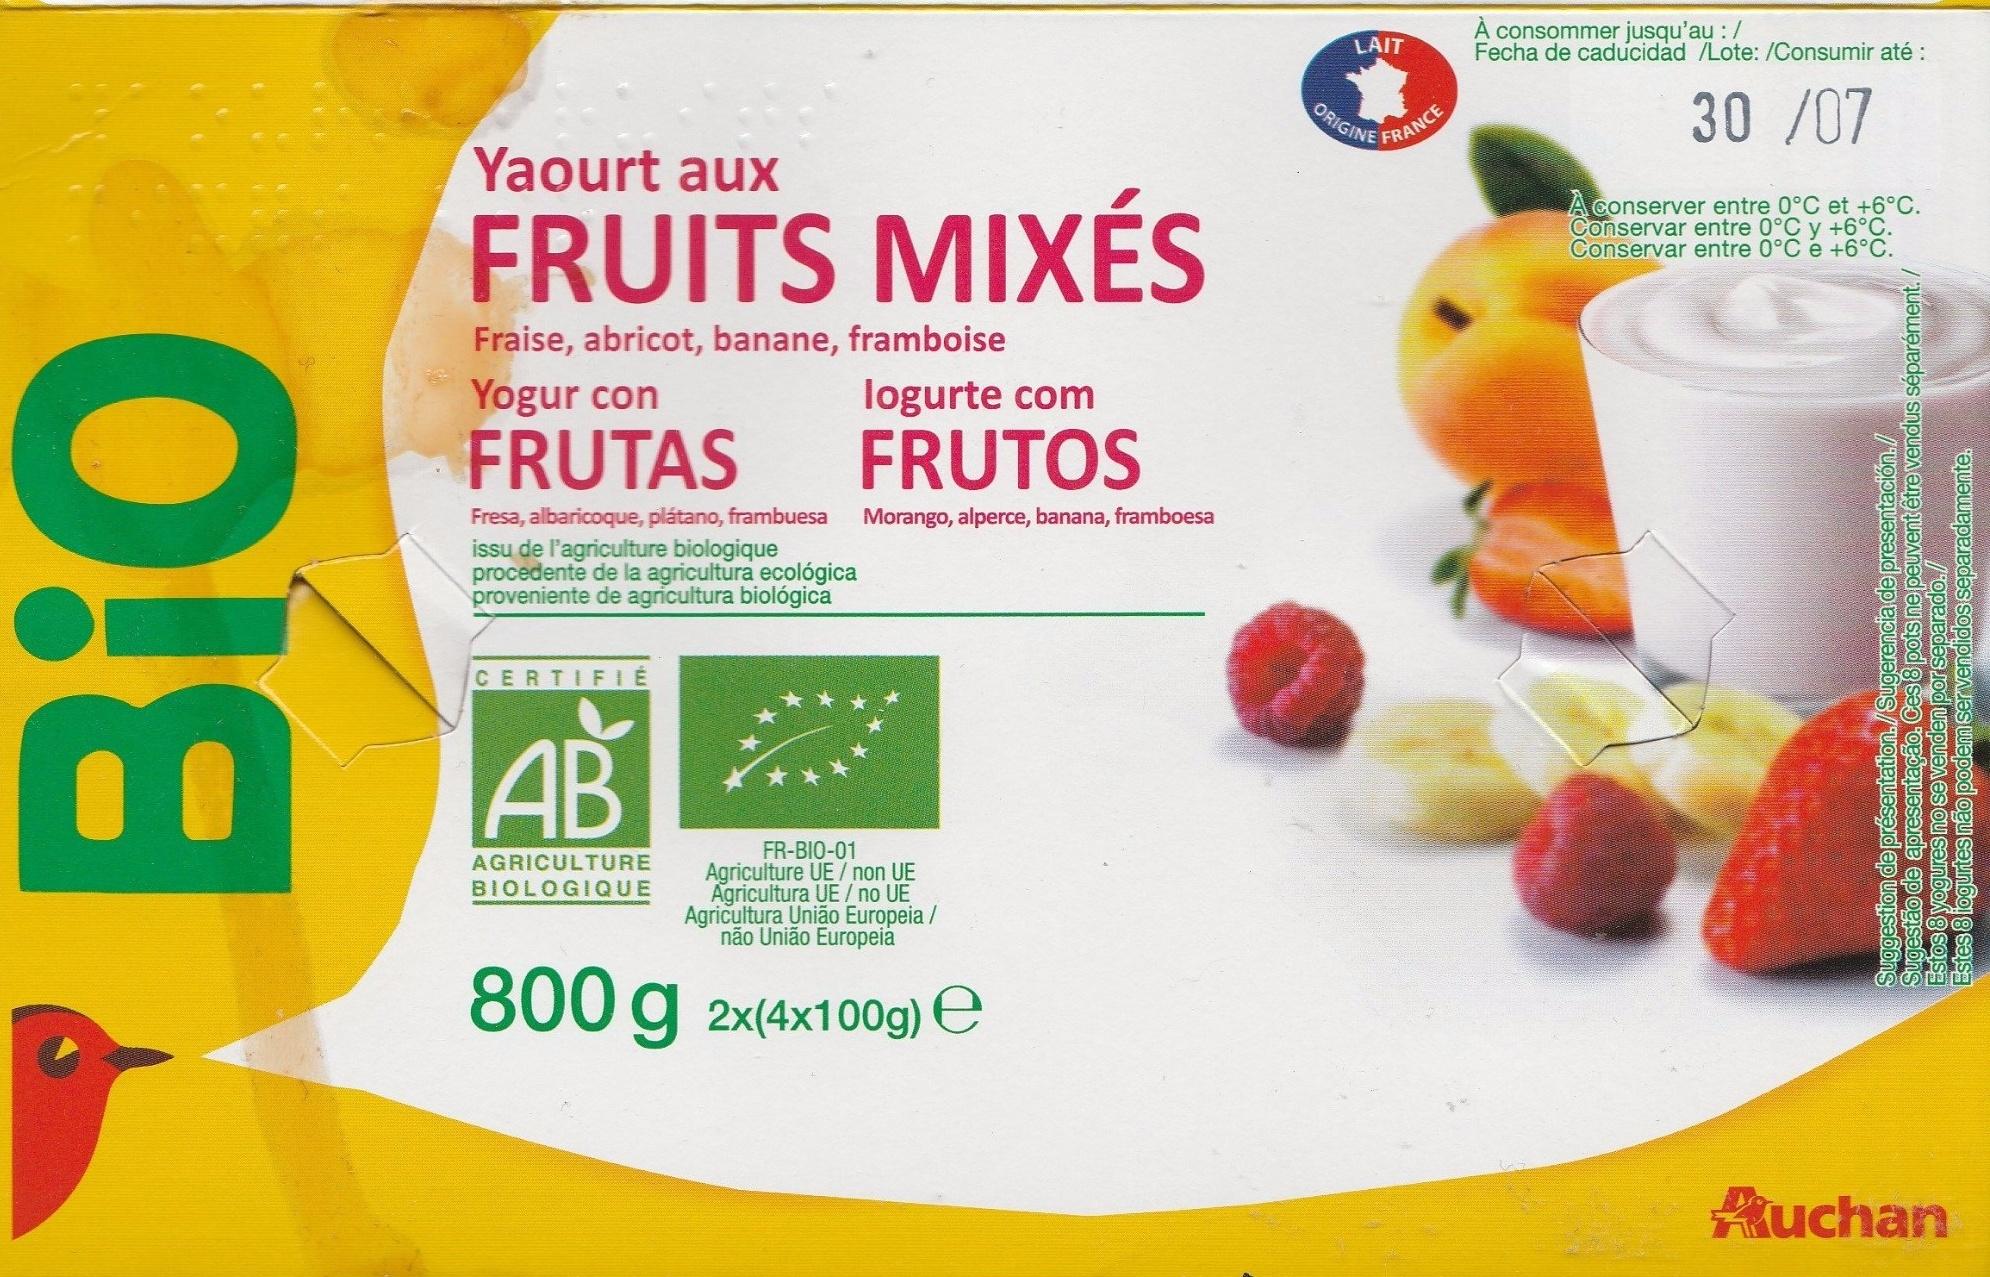 Yaourt aux Fruits mixés - Producto - fr